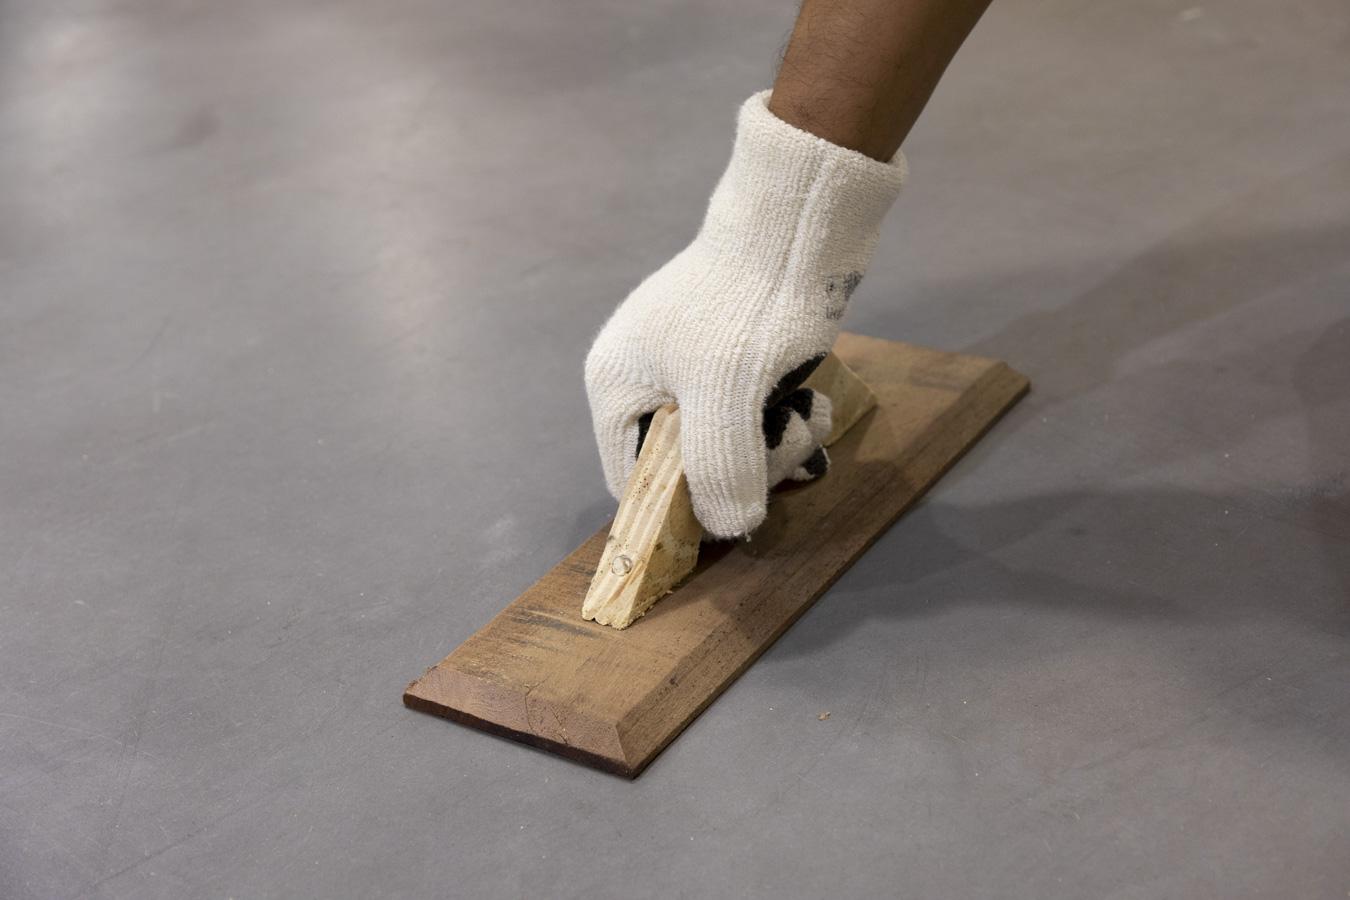 Una mano manejando una herramienta que distribuye un adhesivo para porcelanatos.